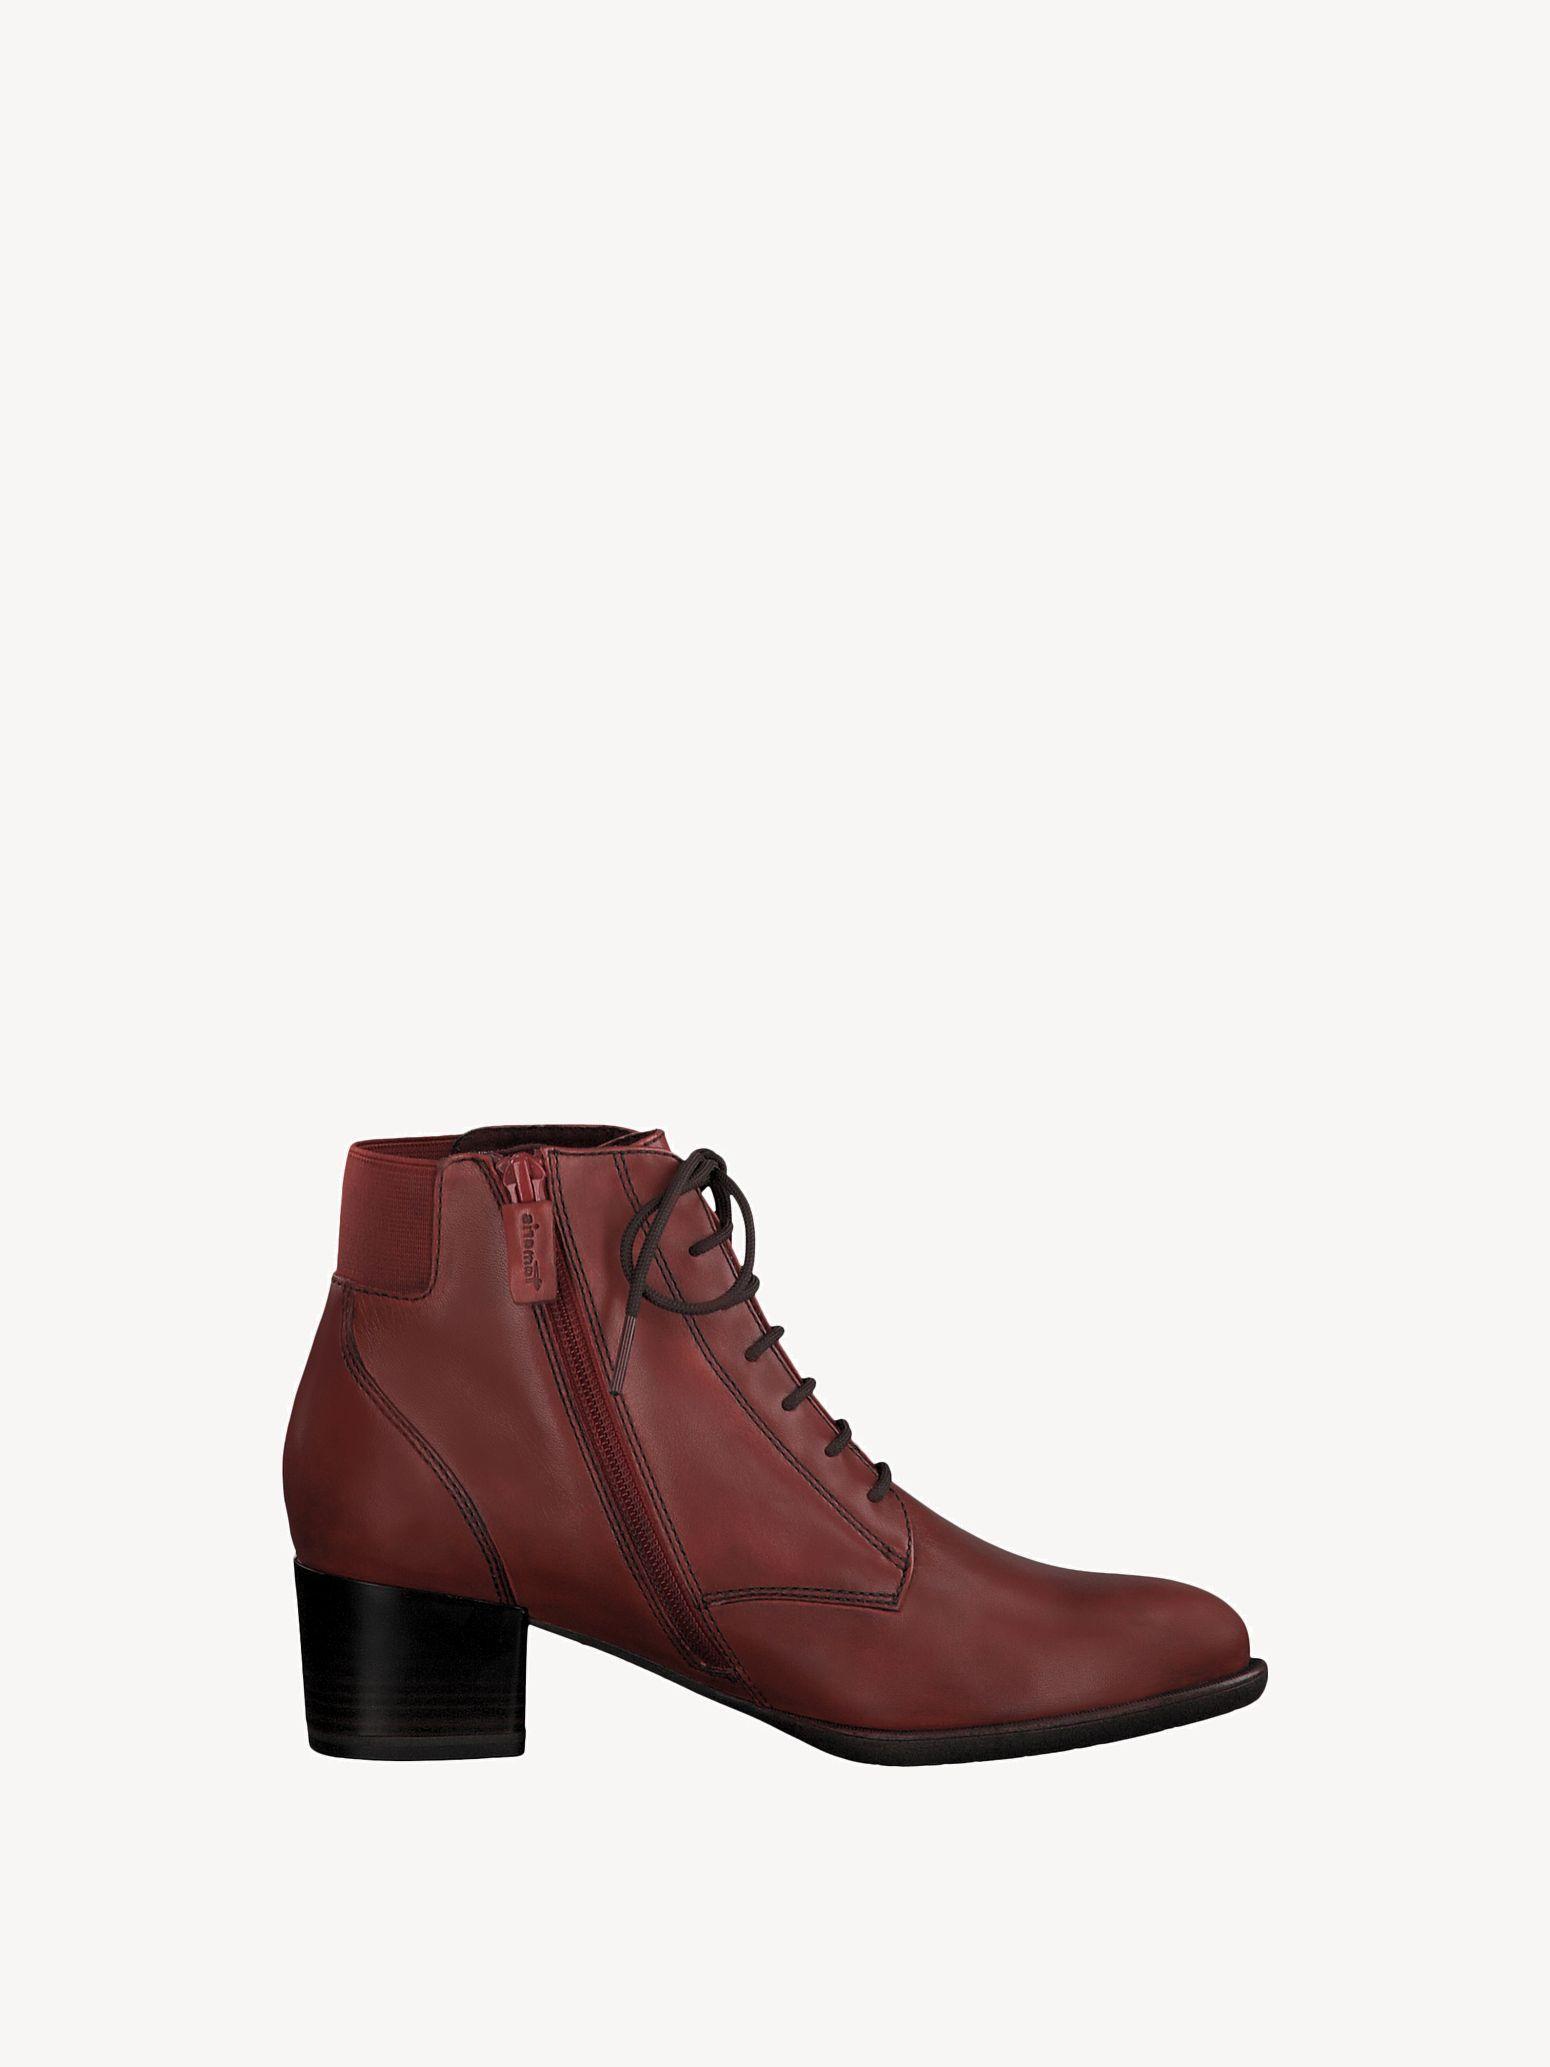 Boots TAMARIS 1 25112 23 Sangria 536